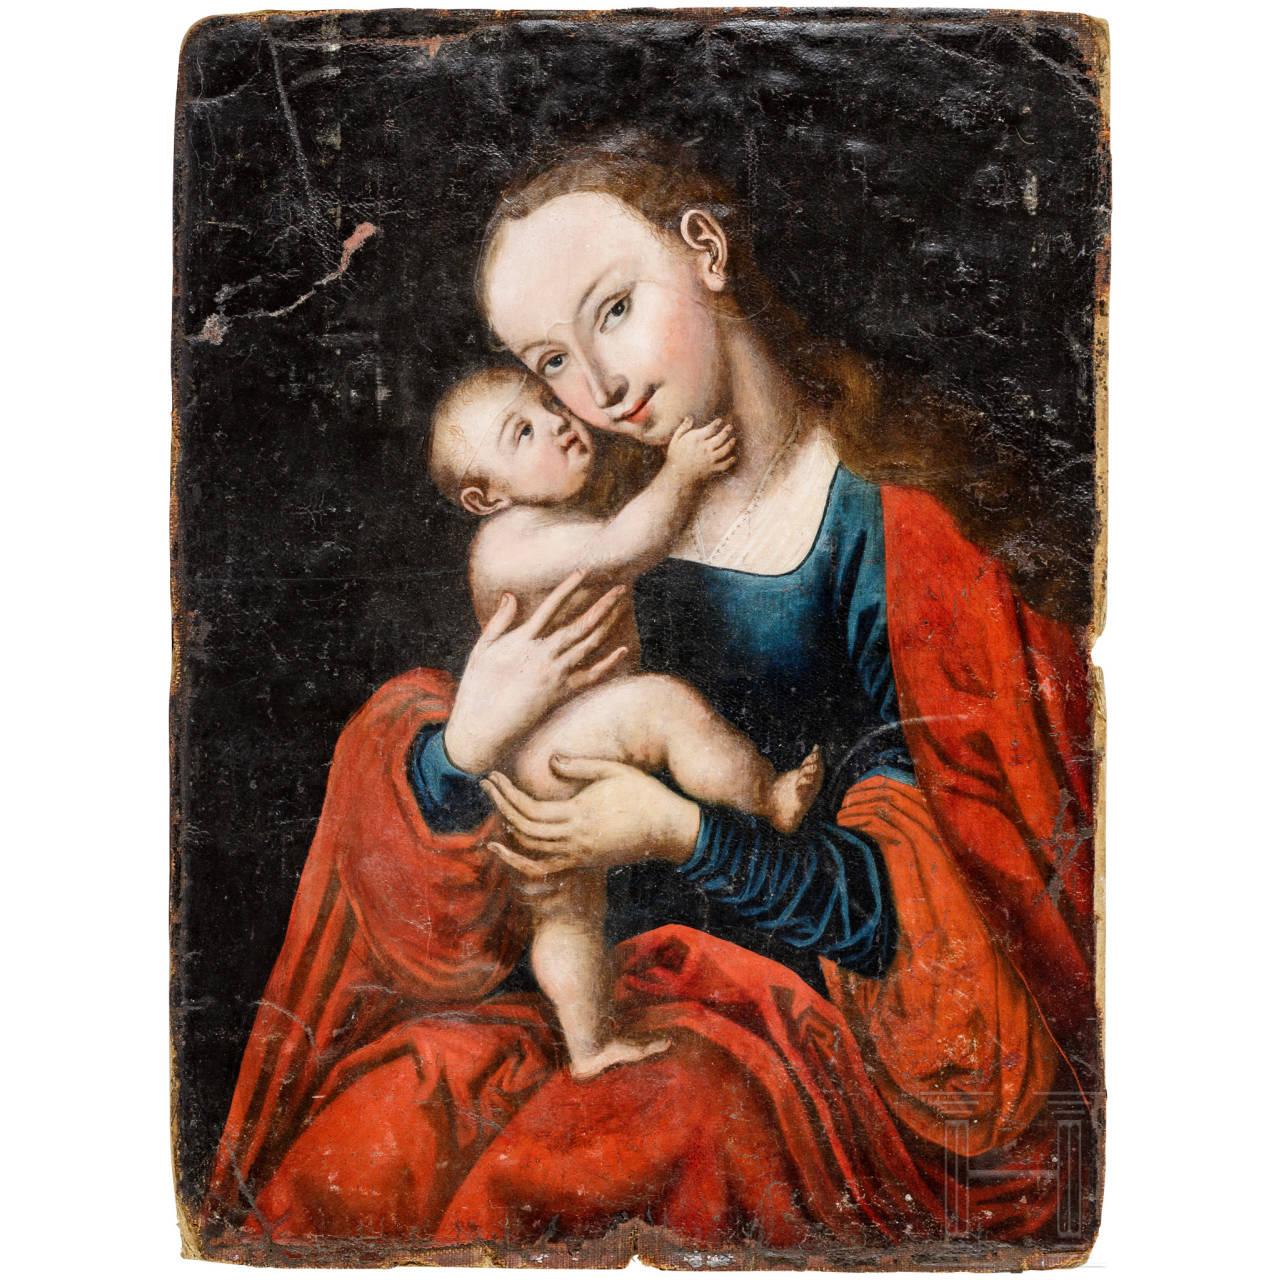 Gotische Madonna in der Art Hans Memlings, deutsch, 17./18. Jhdt.